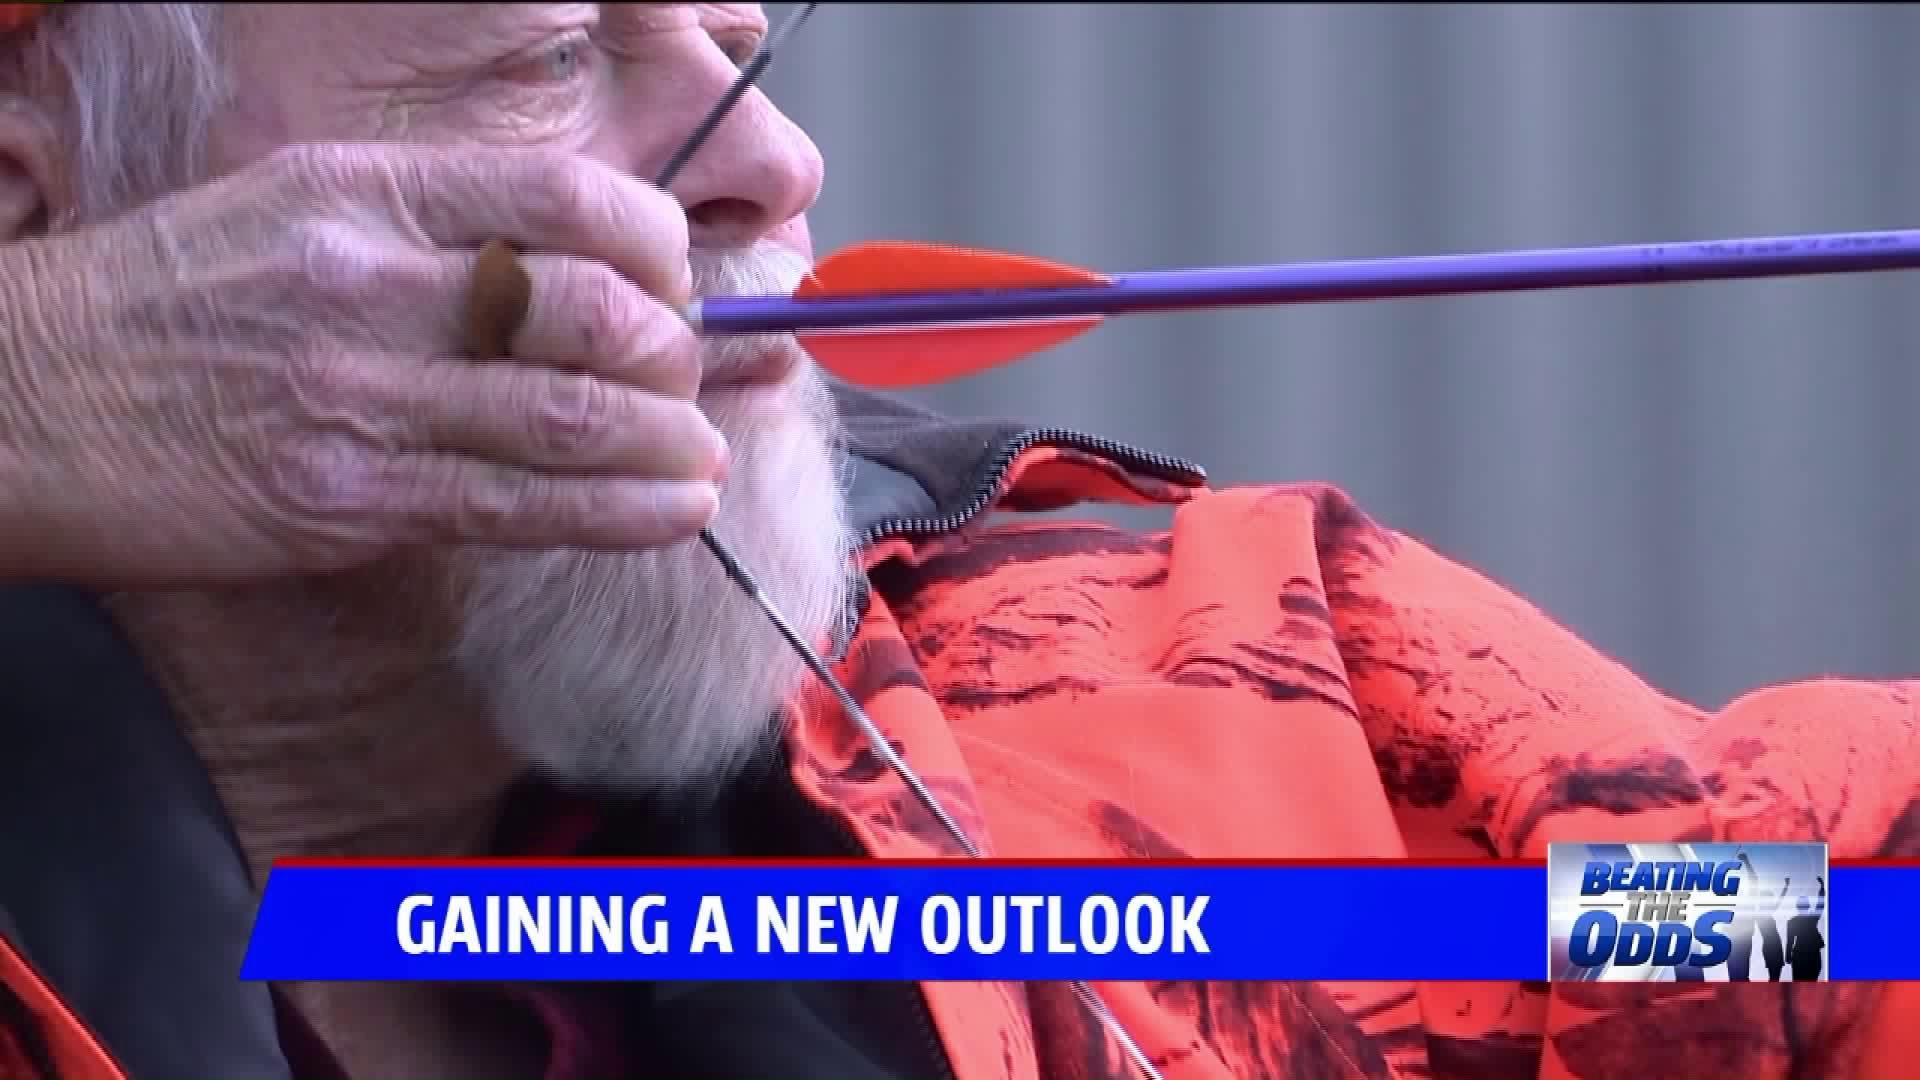 Seasoned Deer Hunter Has New Outlook After Losing His Legs-2021 Deer Outlook For Michigan